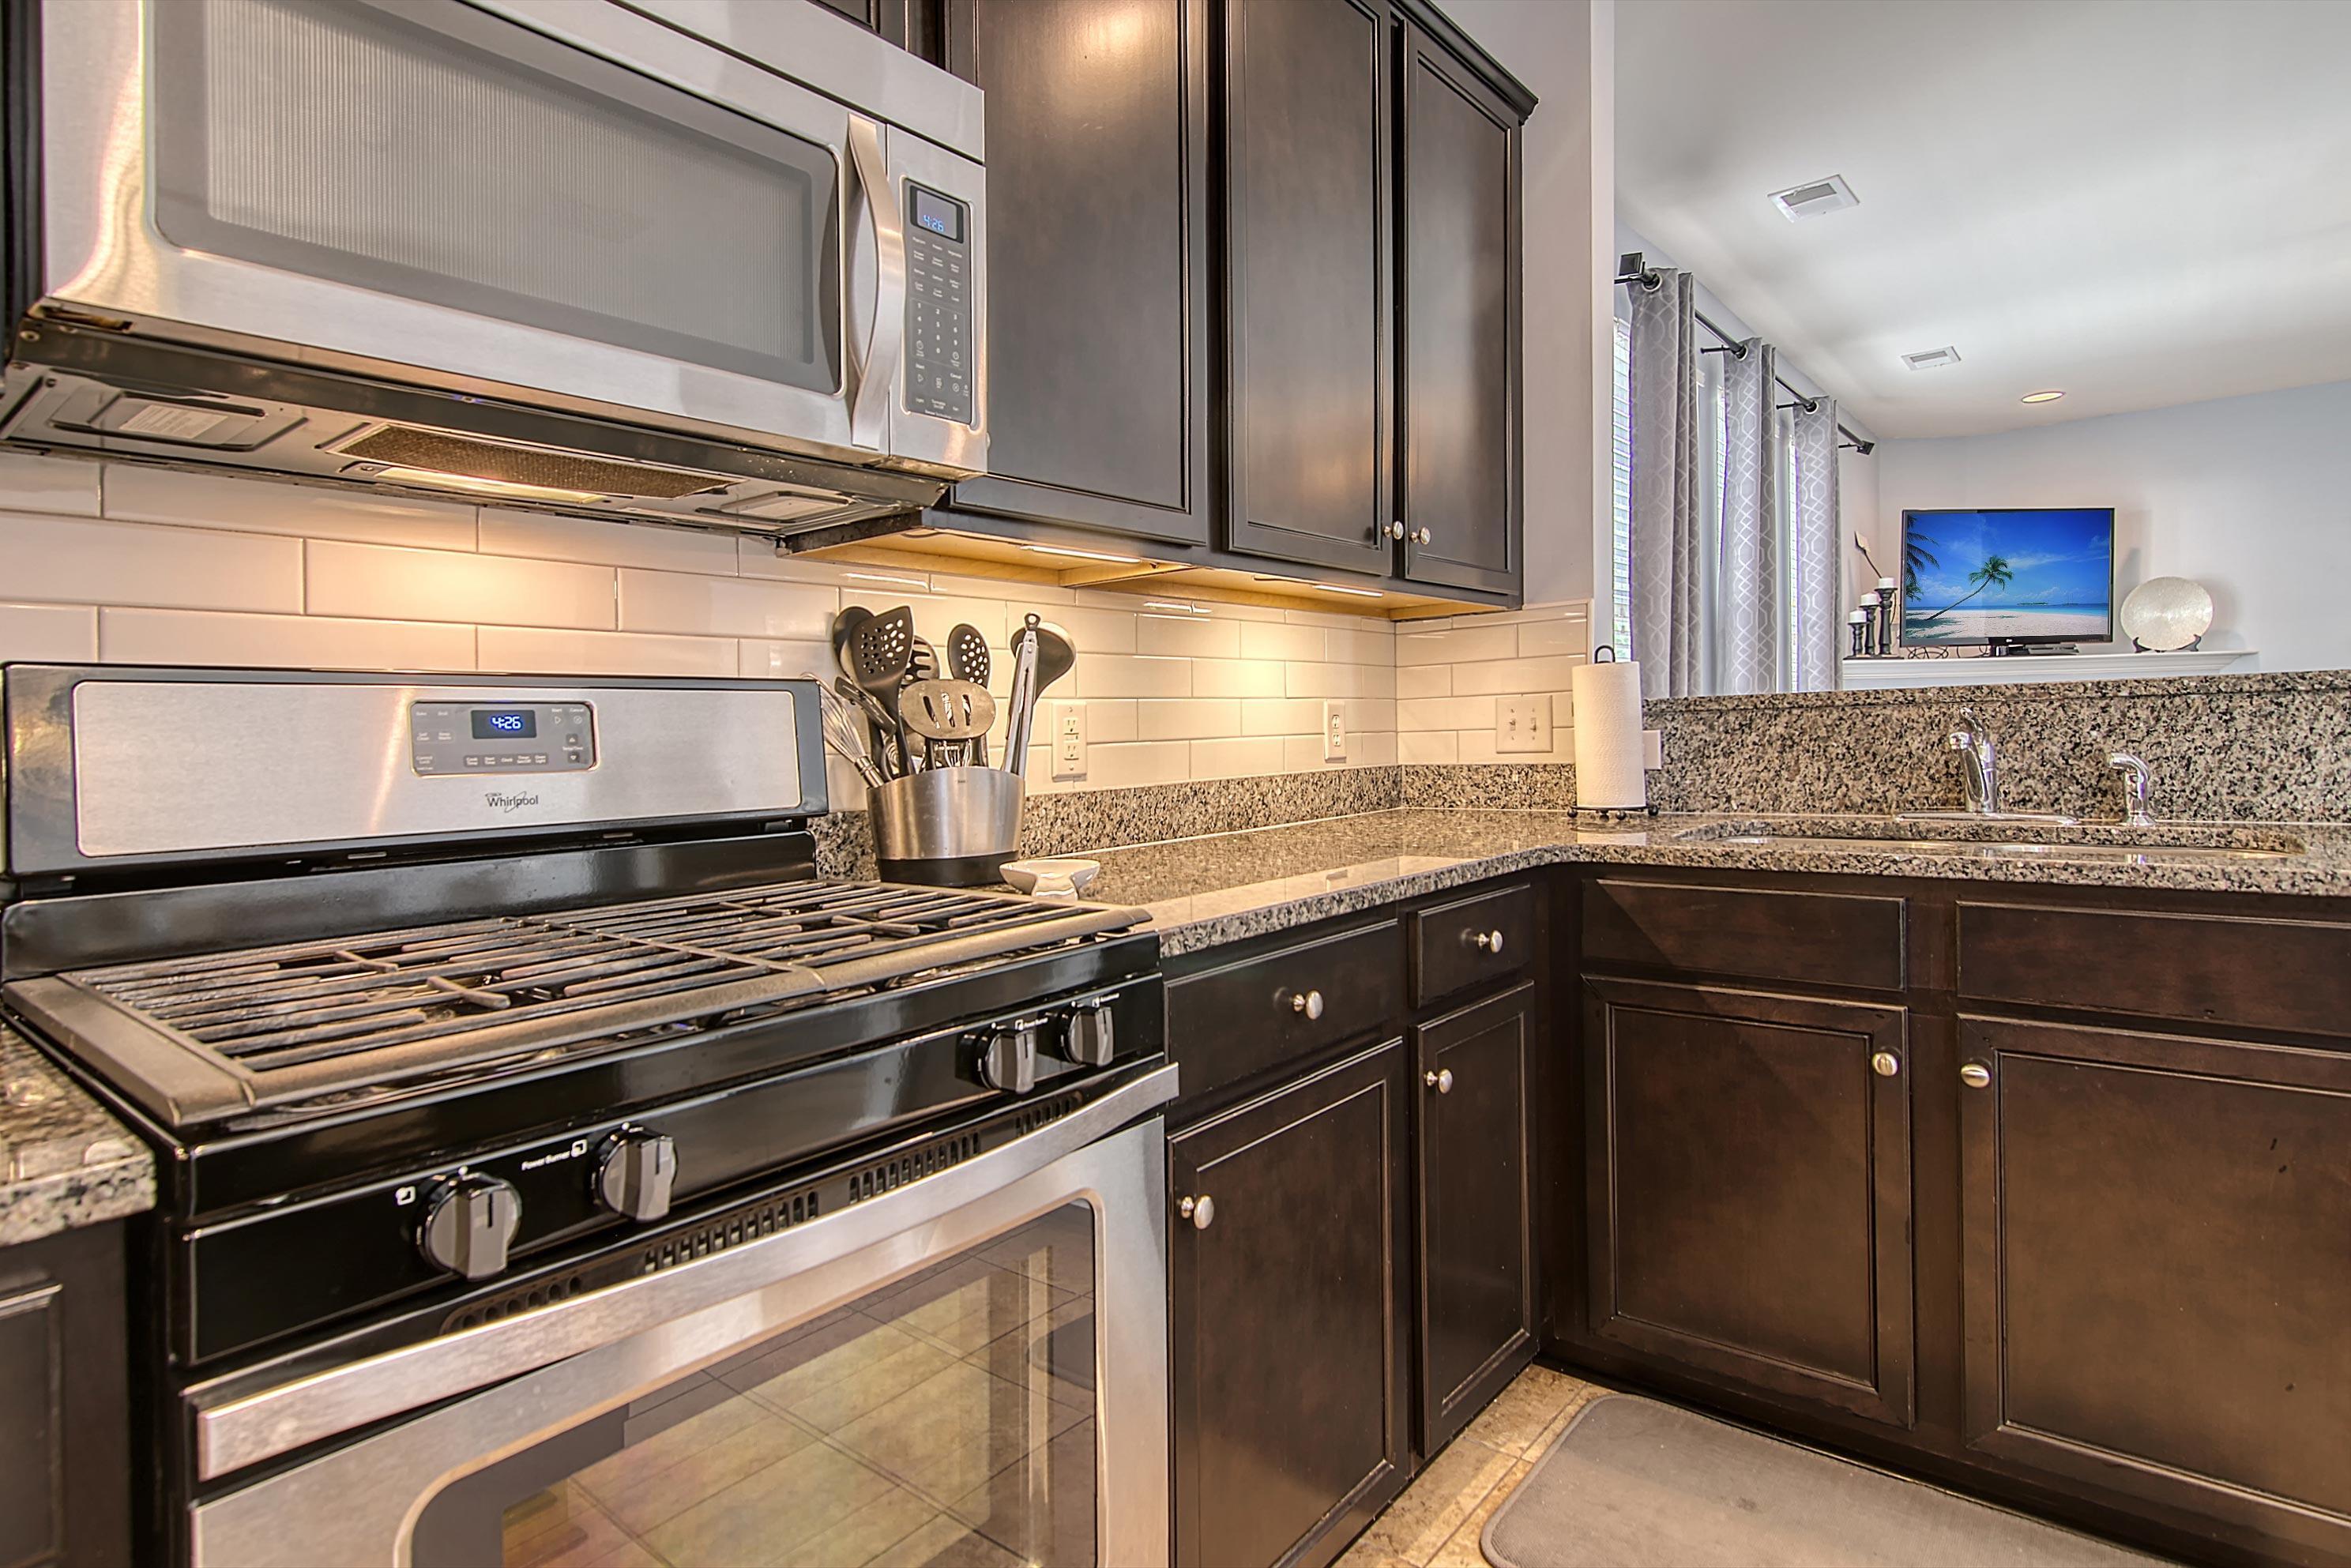 Lieben Park Homes For Sale - 3598 Franklin Tower, Mount Pleasant, SC - 13